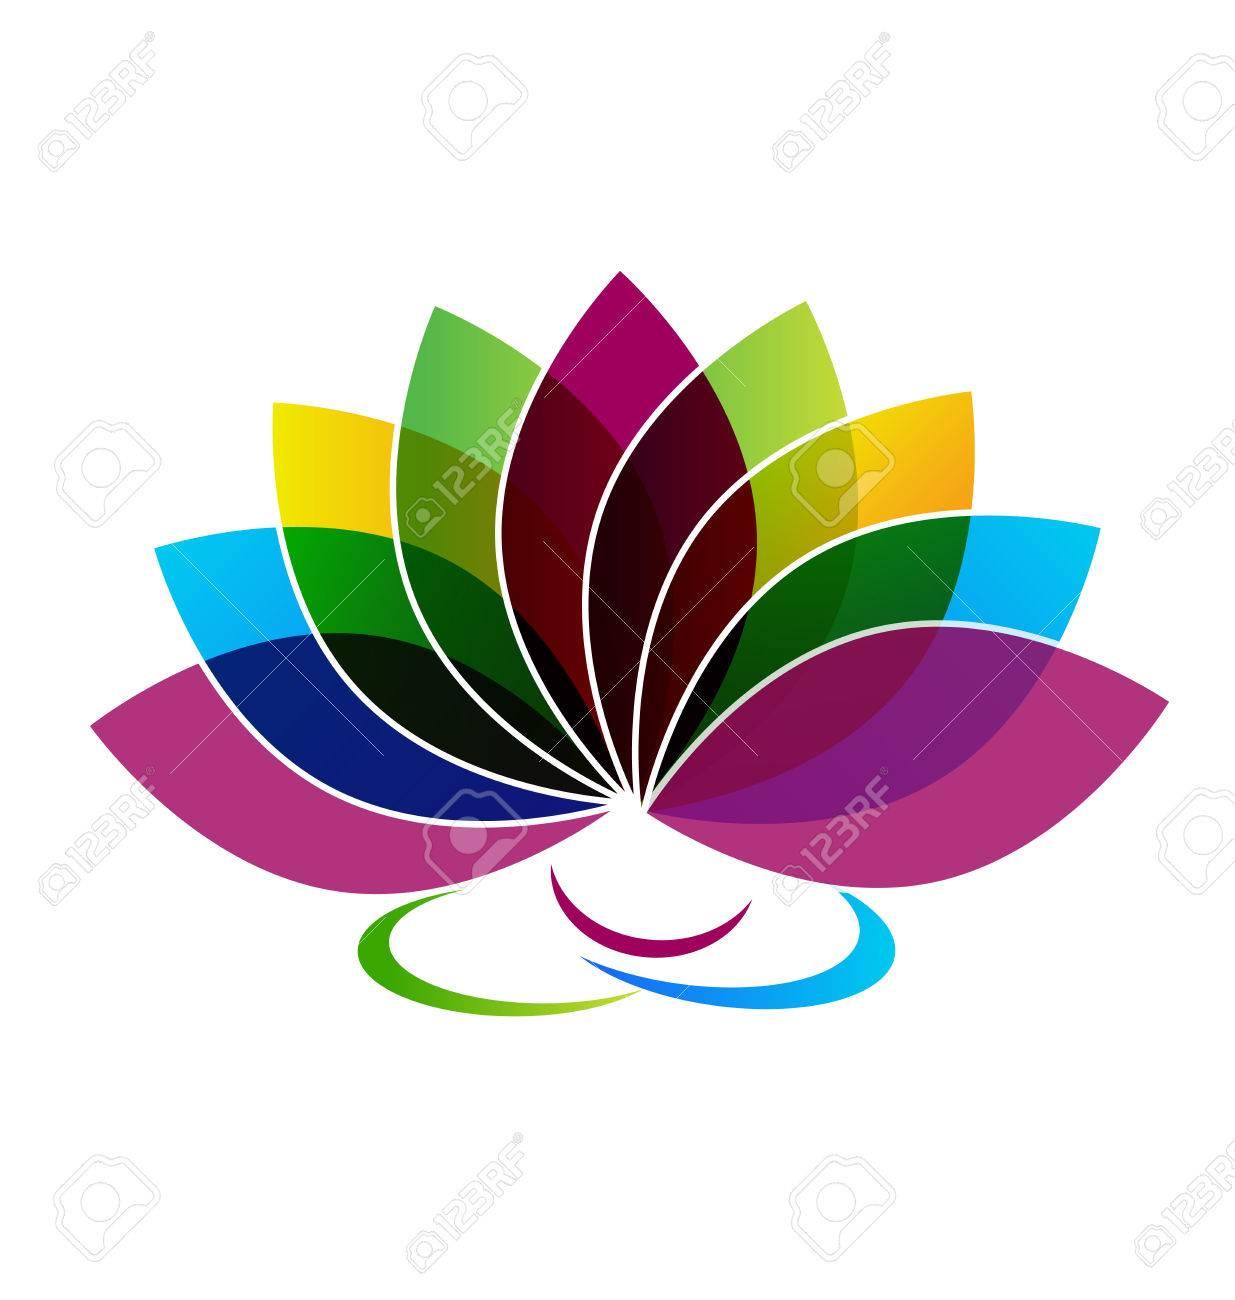 lotus flower carte d identit logo vecteur clip art libres de droits rh fr 123rf com lotus flower logo design